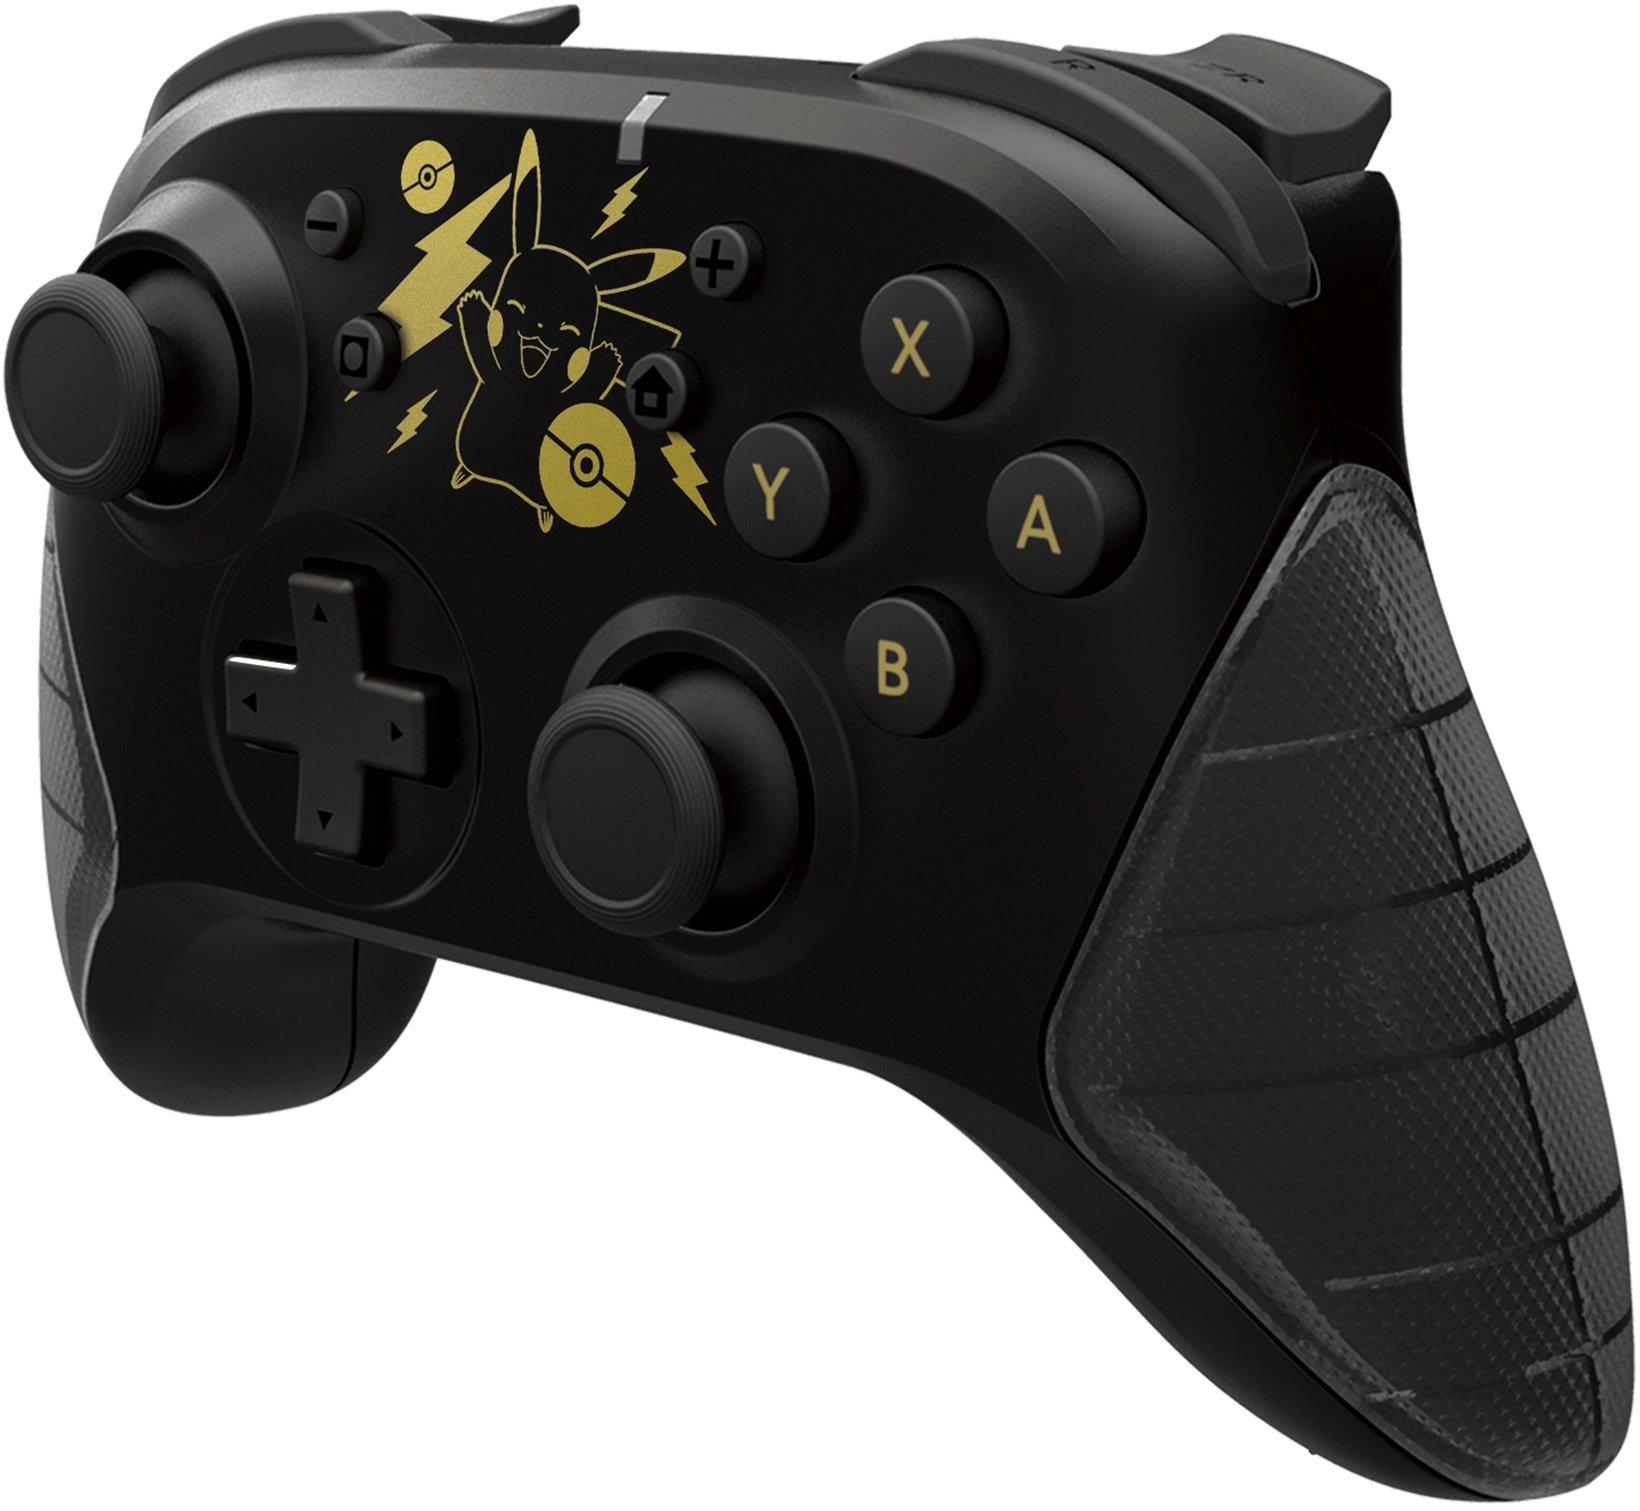 Hori controller Wireless Switch Controller - Pikachu Black & Gold Edition veilig op otto.nl kopen